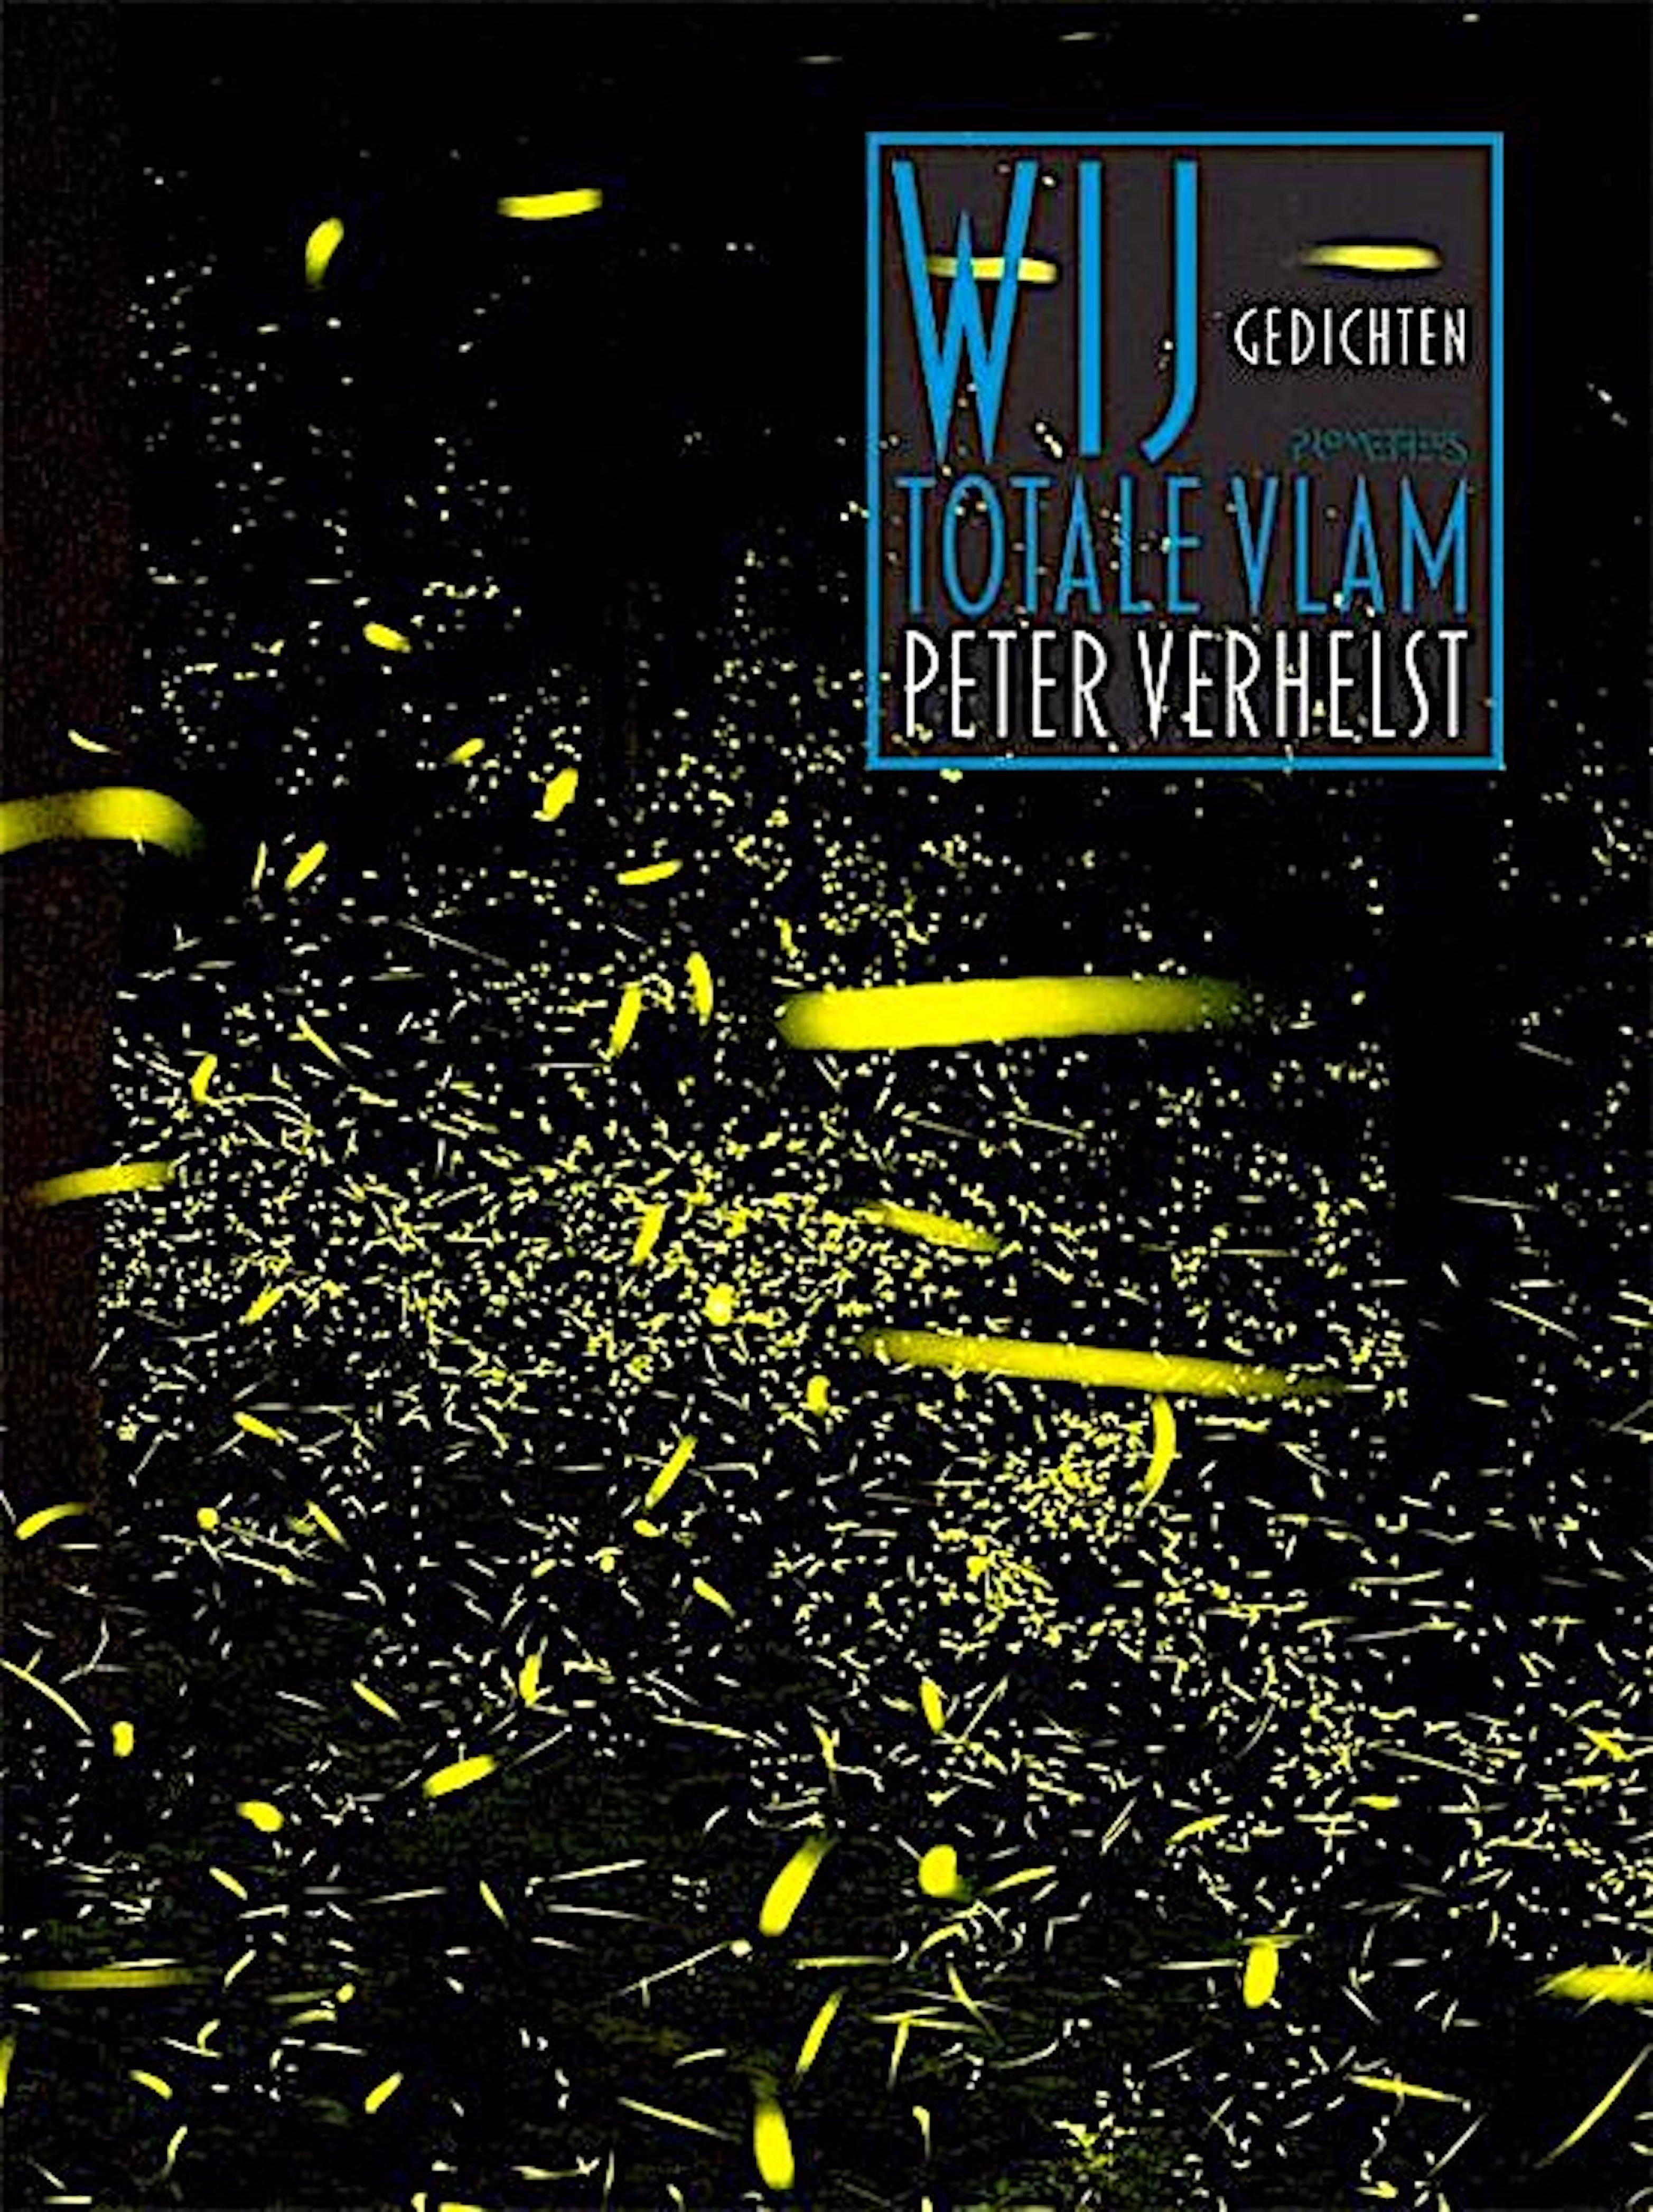 Peter Verhelst – Wij totale vlam